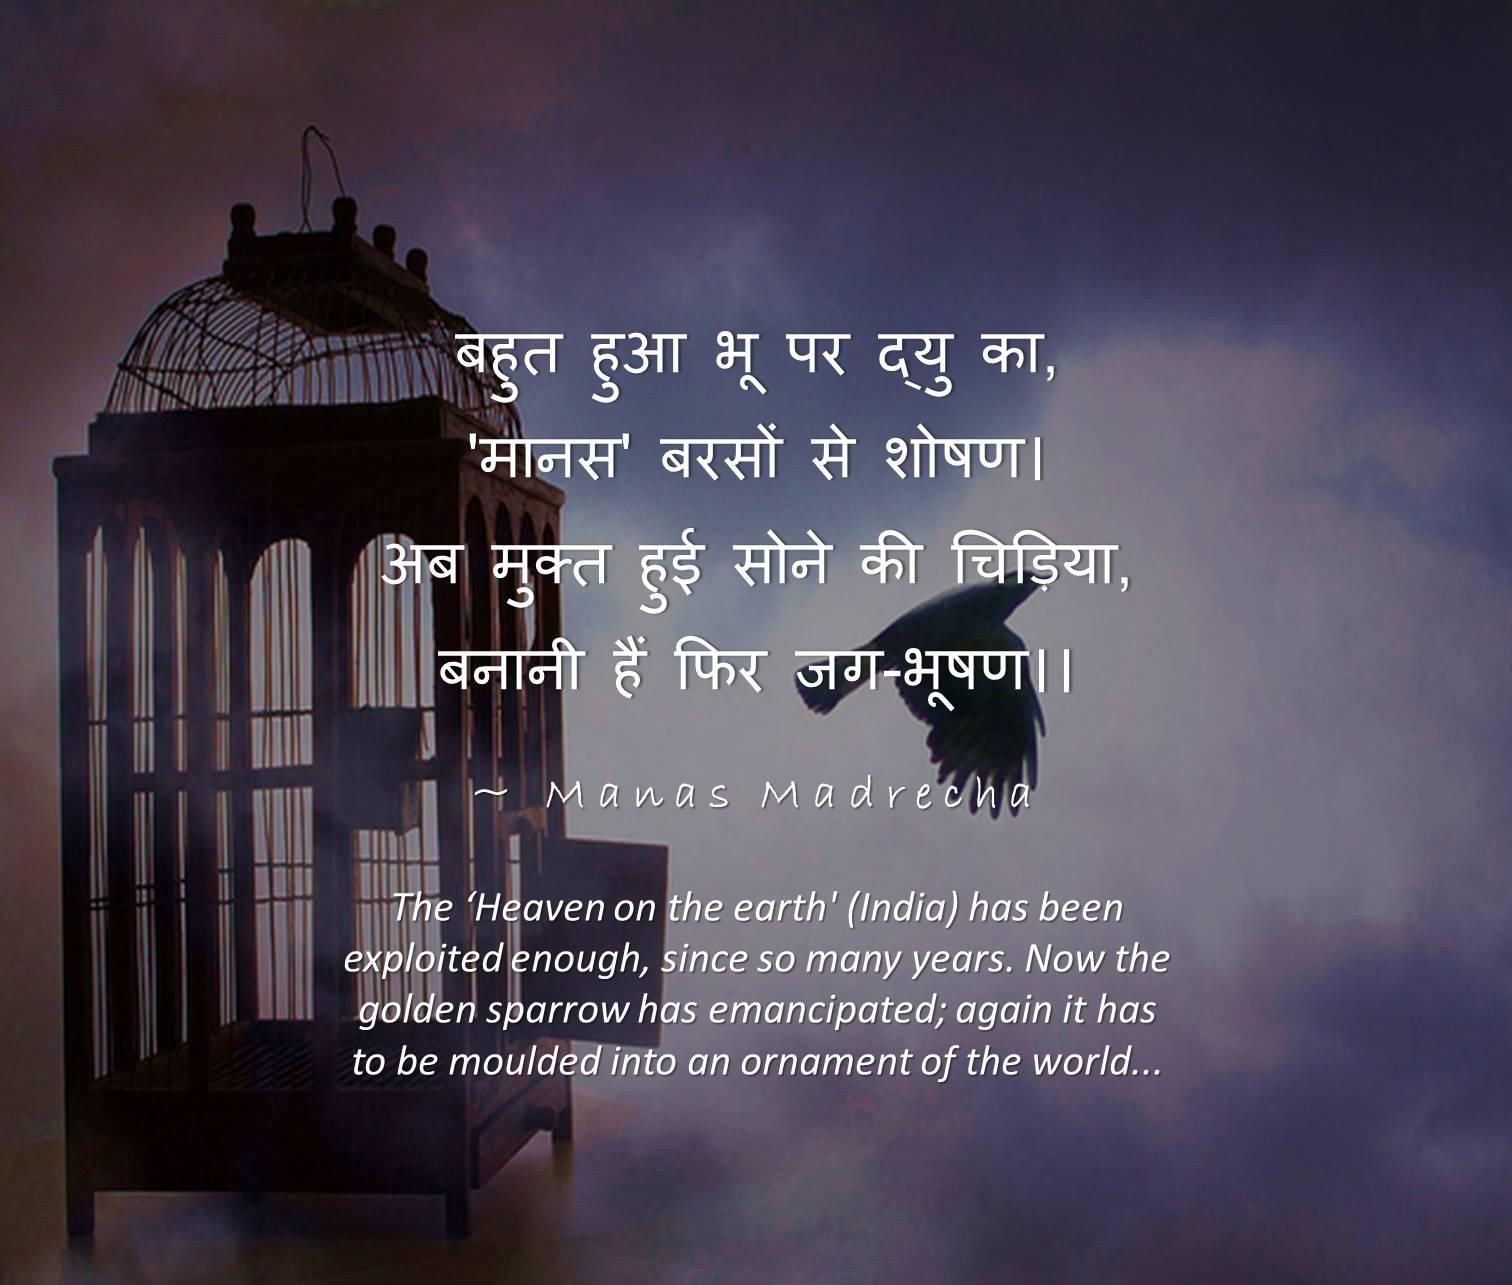 Hail Mother India Bharat Mata Ki Jai Hindi Poem Manas Madrecha